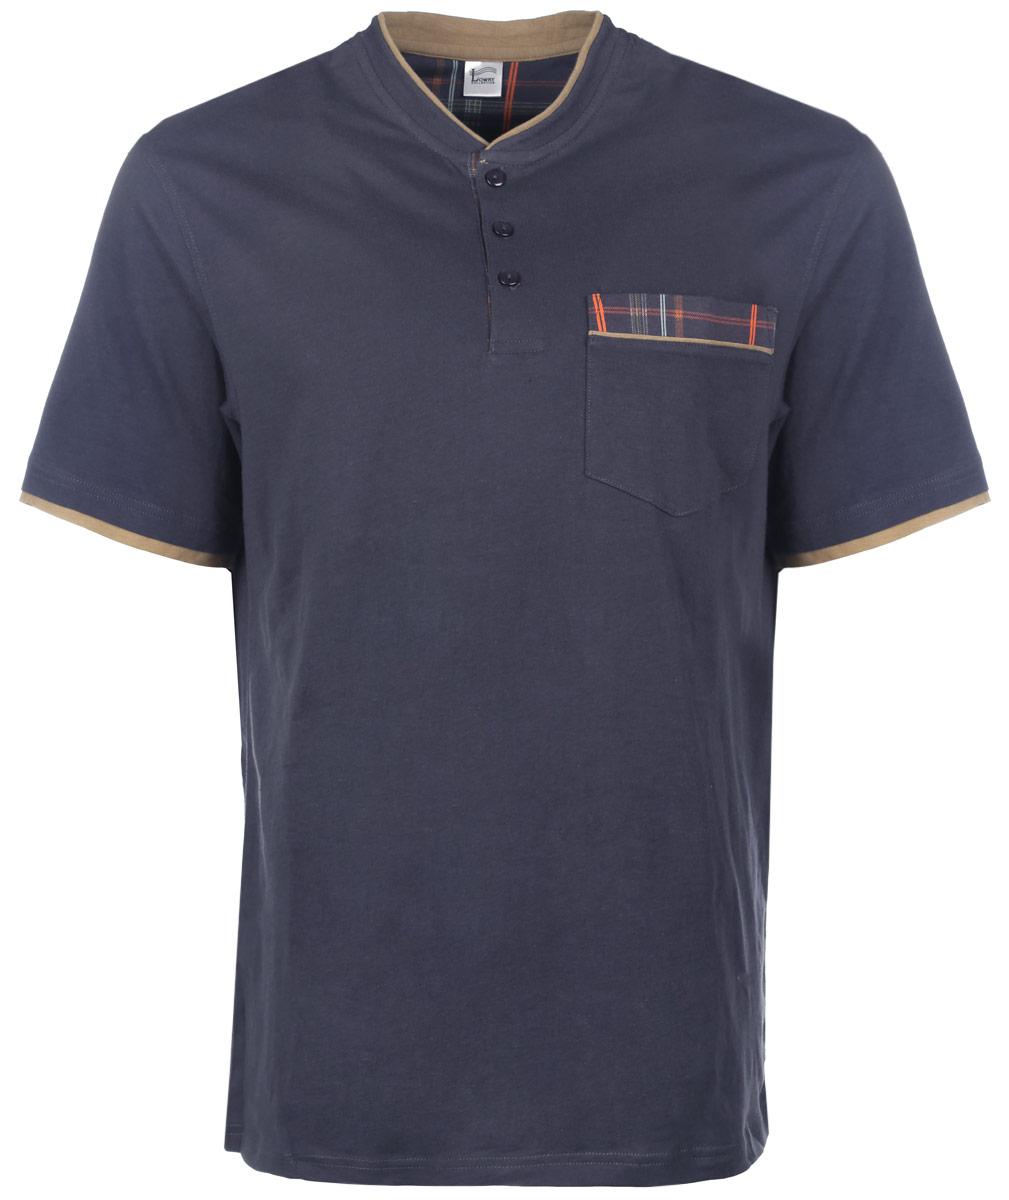 ФутболкаMF-66Отличная мужская футболка Lowry, выполненная из натурального хлопка, обладает высокой теплопроводностью, воздухопроницаемостью и гигроскопичностью, позволяет коже дышать. Модель прямого покроя с воротником-стойкой и короткими рукавами. Спереди футболка дополнена застежкой на три пуговицы. Горловина и низ рукавов дополнены контрастными вставками. Спереди изделие дополнено небольшим накладным карманом. Такая футболка подарит вам комфорт в течение всего дня.